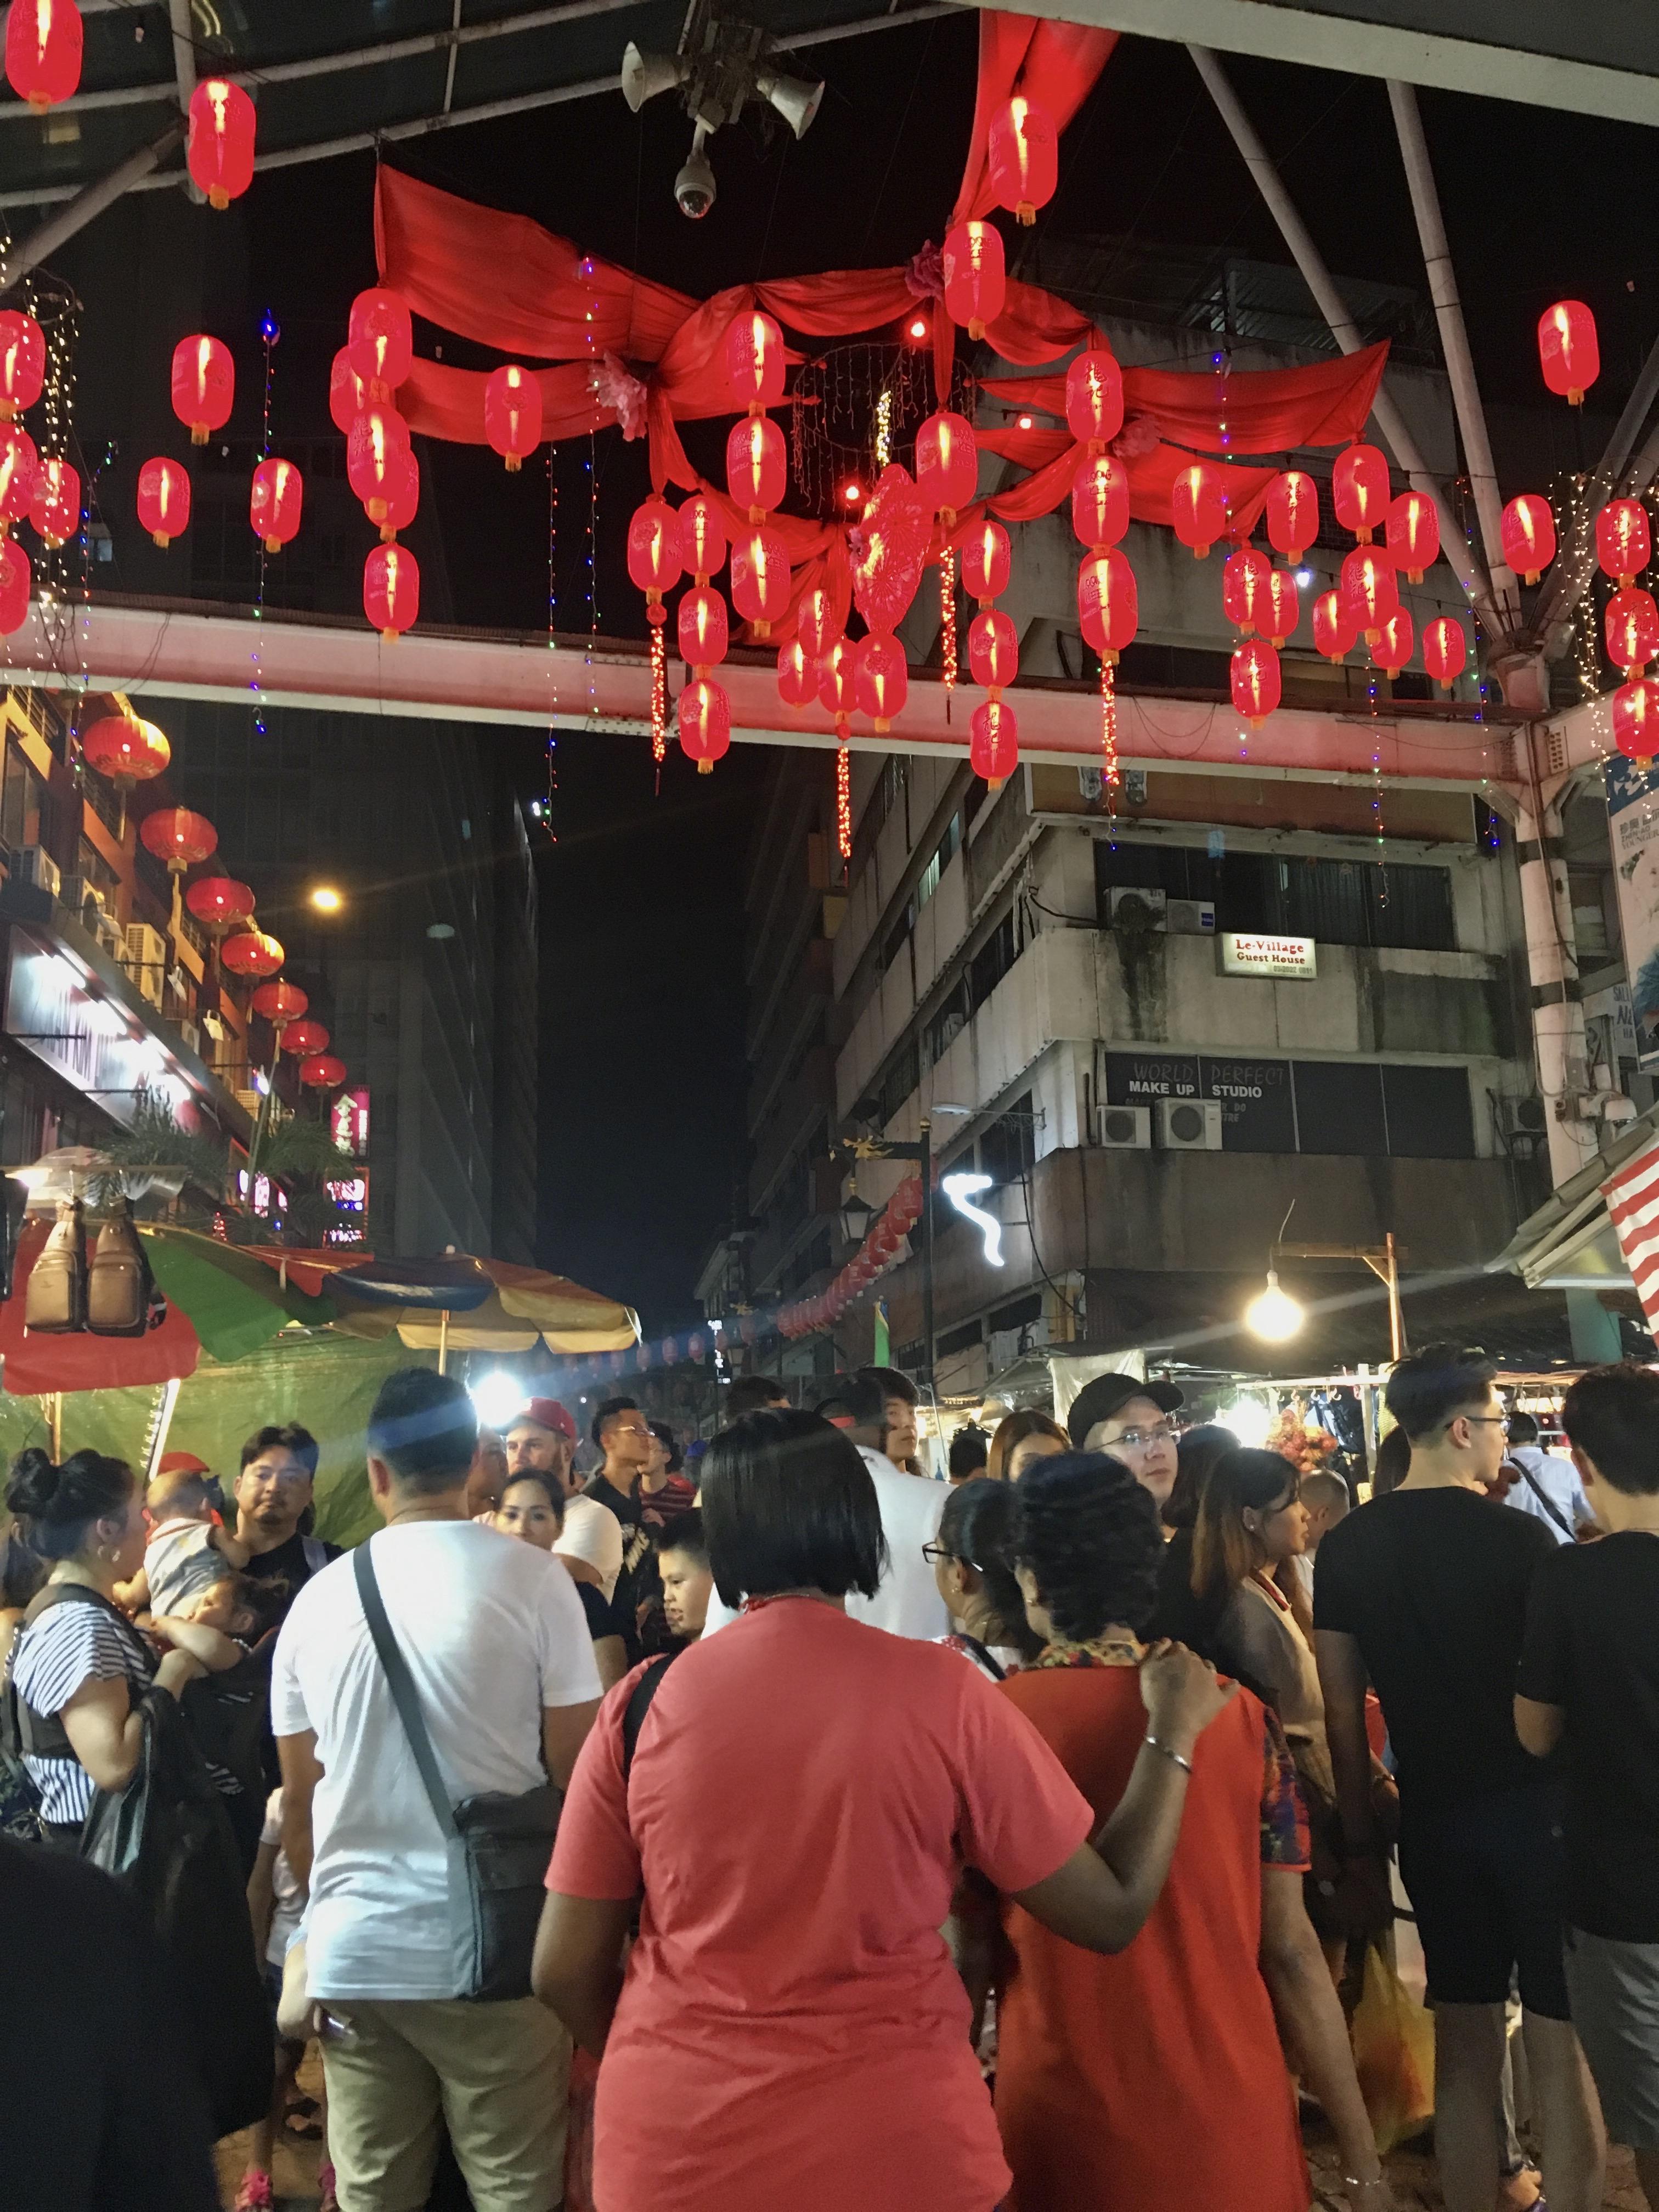 Busy street market in KL